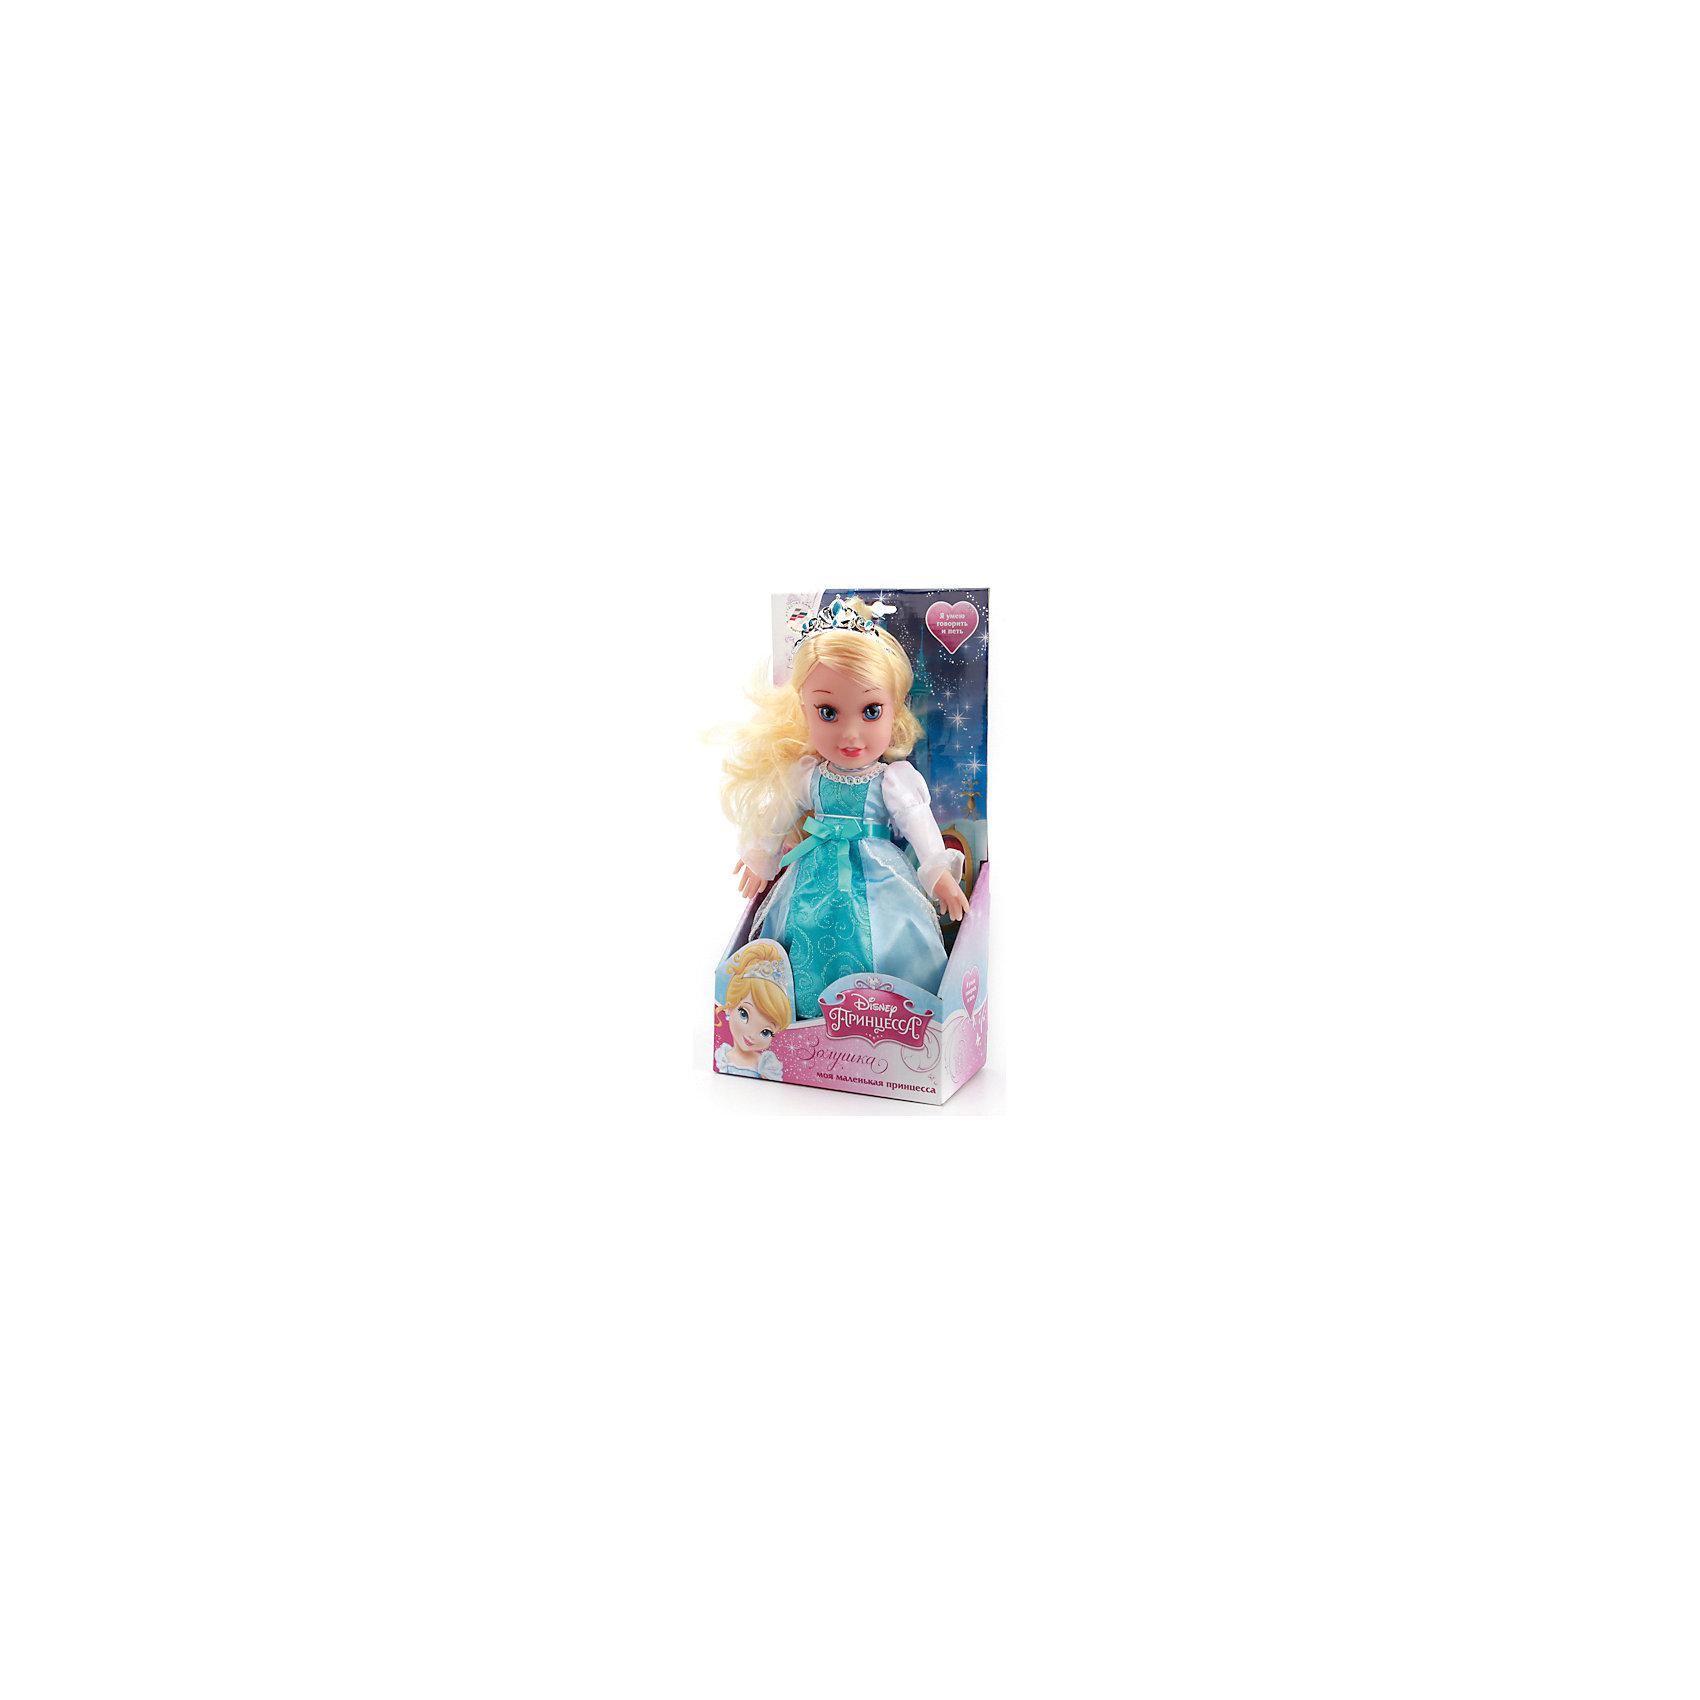 Кукла Золушка, 30 см, со звуком, Disney Princess, МУЛЬТИ-ПУЛЬТИОзвученные мягкие игрушки<br>Кукла Золушка со звуком от марки МУЛЬТИ-ПУЛЬТИ<br><br>Озвученная кукла от отечественного производителя поможет ребенку проводить время весело и с пользой. Она сделана в виде принцессы из известной любимой детьми сказки. Нажав на нее, ребенок услышит разные фразы и песню. Золушка умеет моргать.<br>Размер куклы универсален - 30 сантиметров, её удобно брать с собой в поездки и на прогулку. Сделана игрушка из качественных и безопасных для ребенка материалов: тело - мягкое, голова - пластмассовая. <br><br>Отличительные особенности игрушки:<br><br>- материал: текстиль, наполнитель, пластик, металл;<br>- звуковой модуль;<br>- язык: русский;<br>- моргает;<br>- работает на батарейках;<br>- упаковка: коробка;<br>- высота: 30 см.<br><br>Куклу Золушка со звуком от марки МУЛЬТИ-ПУЛЬТИ можно купить в нашем магазине.<br><br>Ширина мм: 650<br>Глубина мм: 380<br>Высота мм: 750<br>Вес г: 430<br>Возраст от месяцев: 36<br>Возраст до месяцев: 84<br>Пол: Женский<br>Возраст: Детский<br>SKU: 4659498